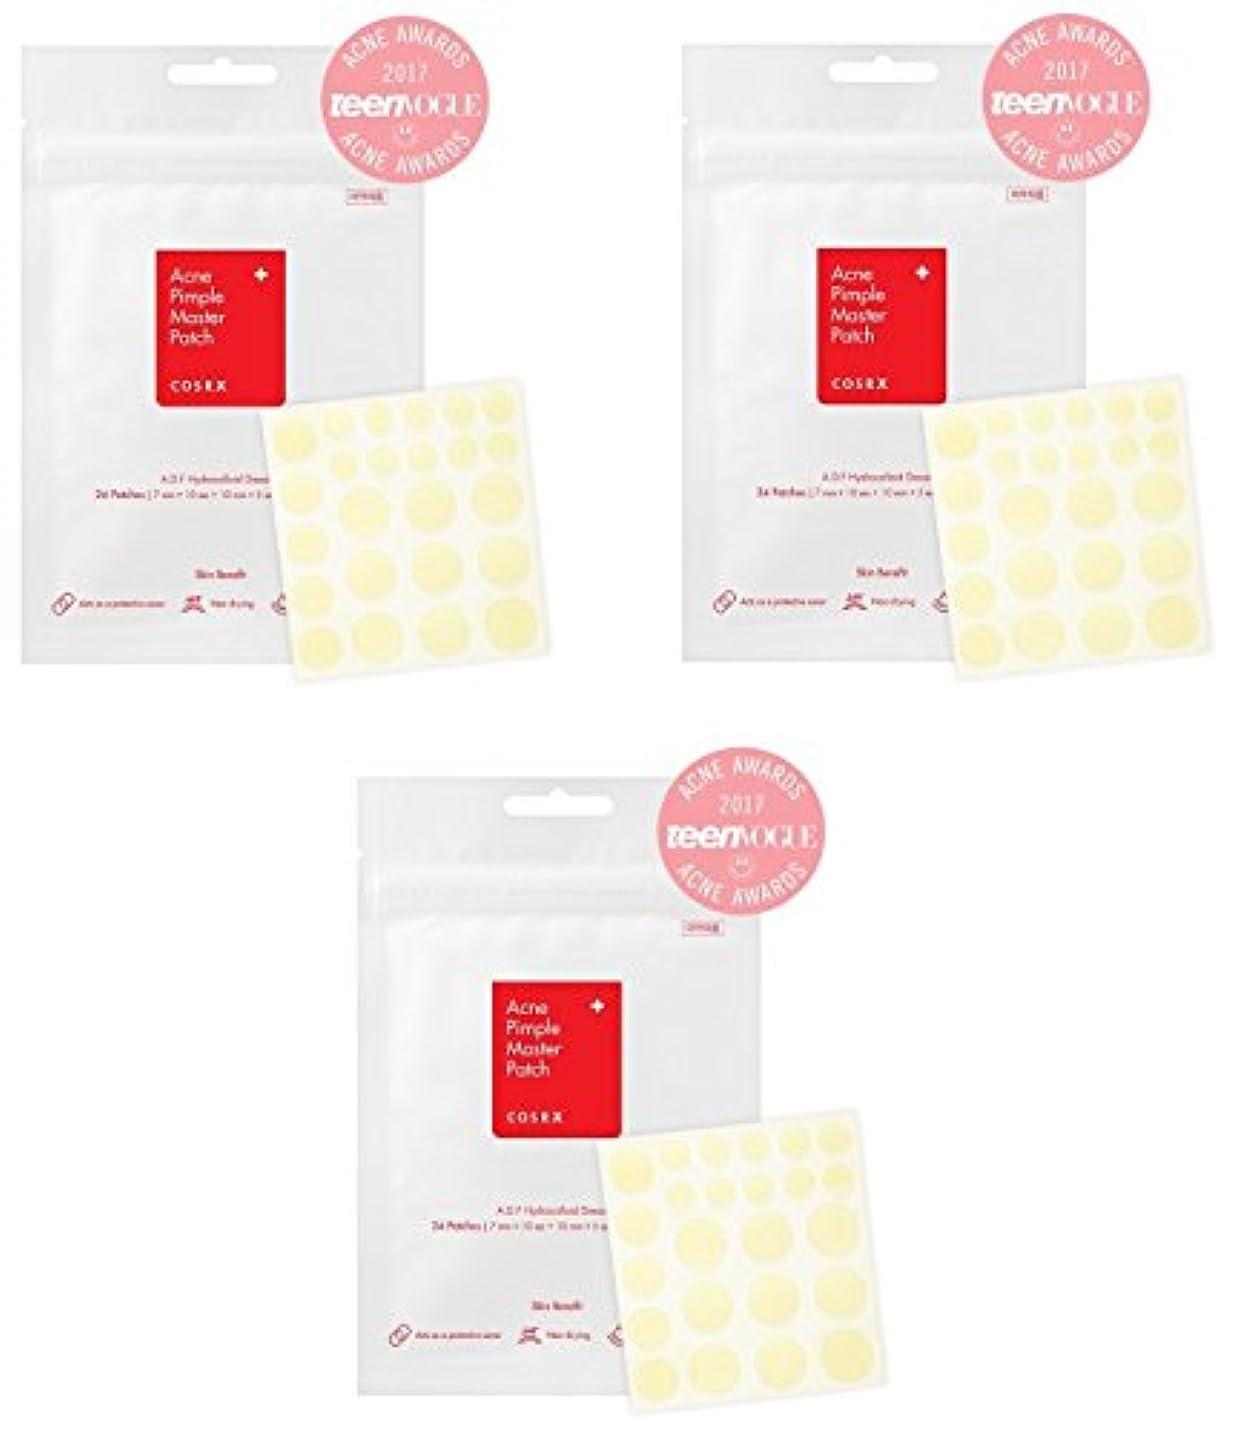 ウェイトレス高度なアパートCOSRX アクネ ピンプル マスターパッチ 3枚 (Acne Pimple Patch 3pcs) 海外直送品